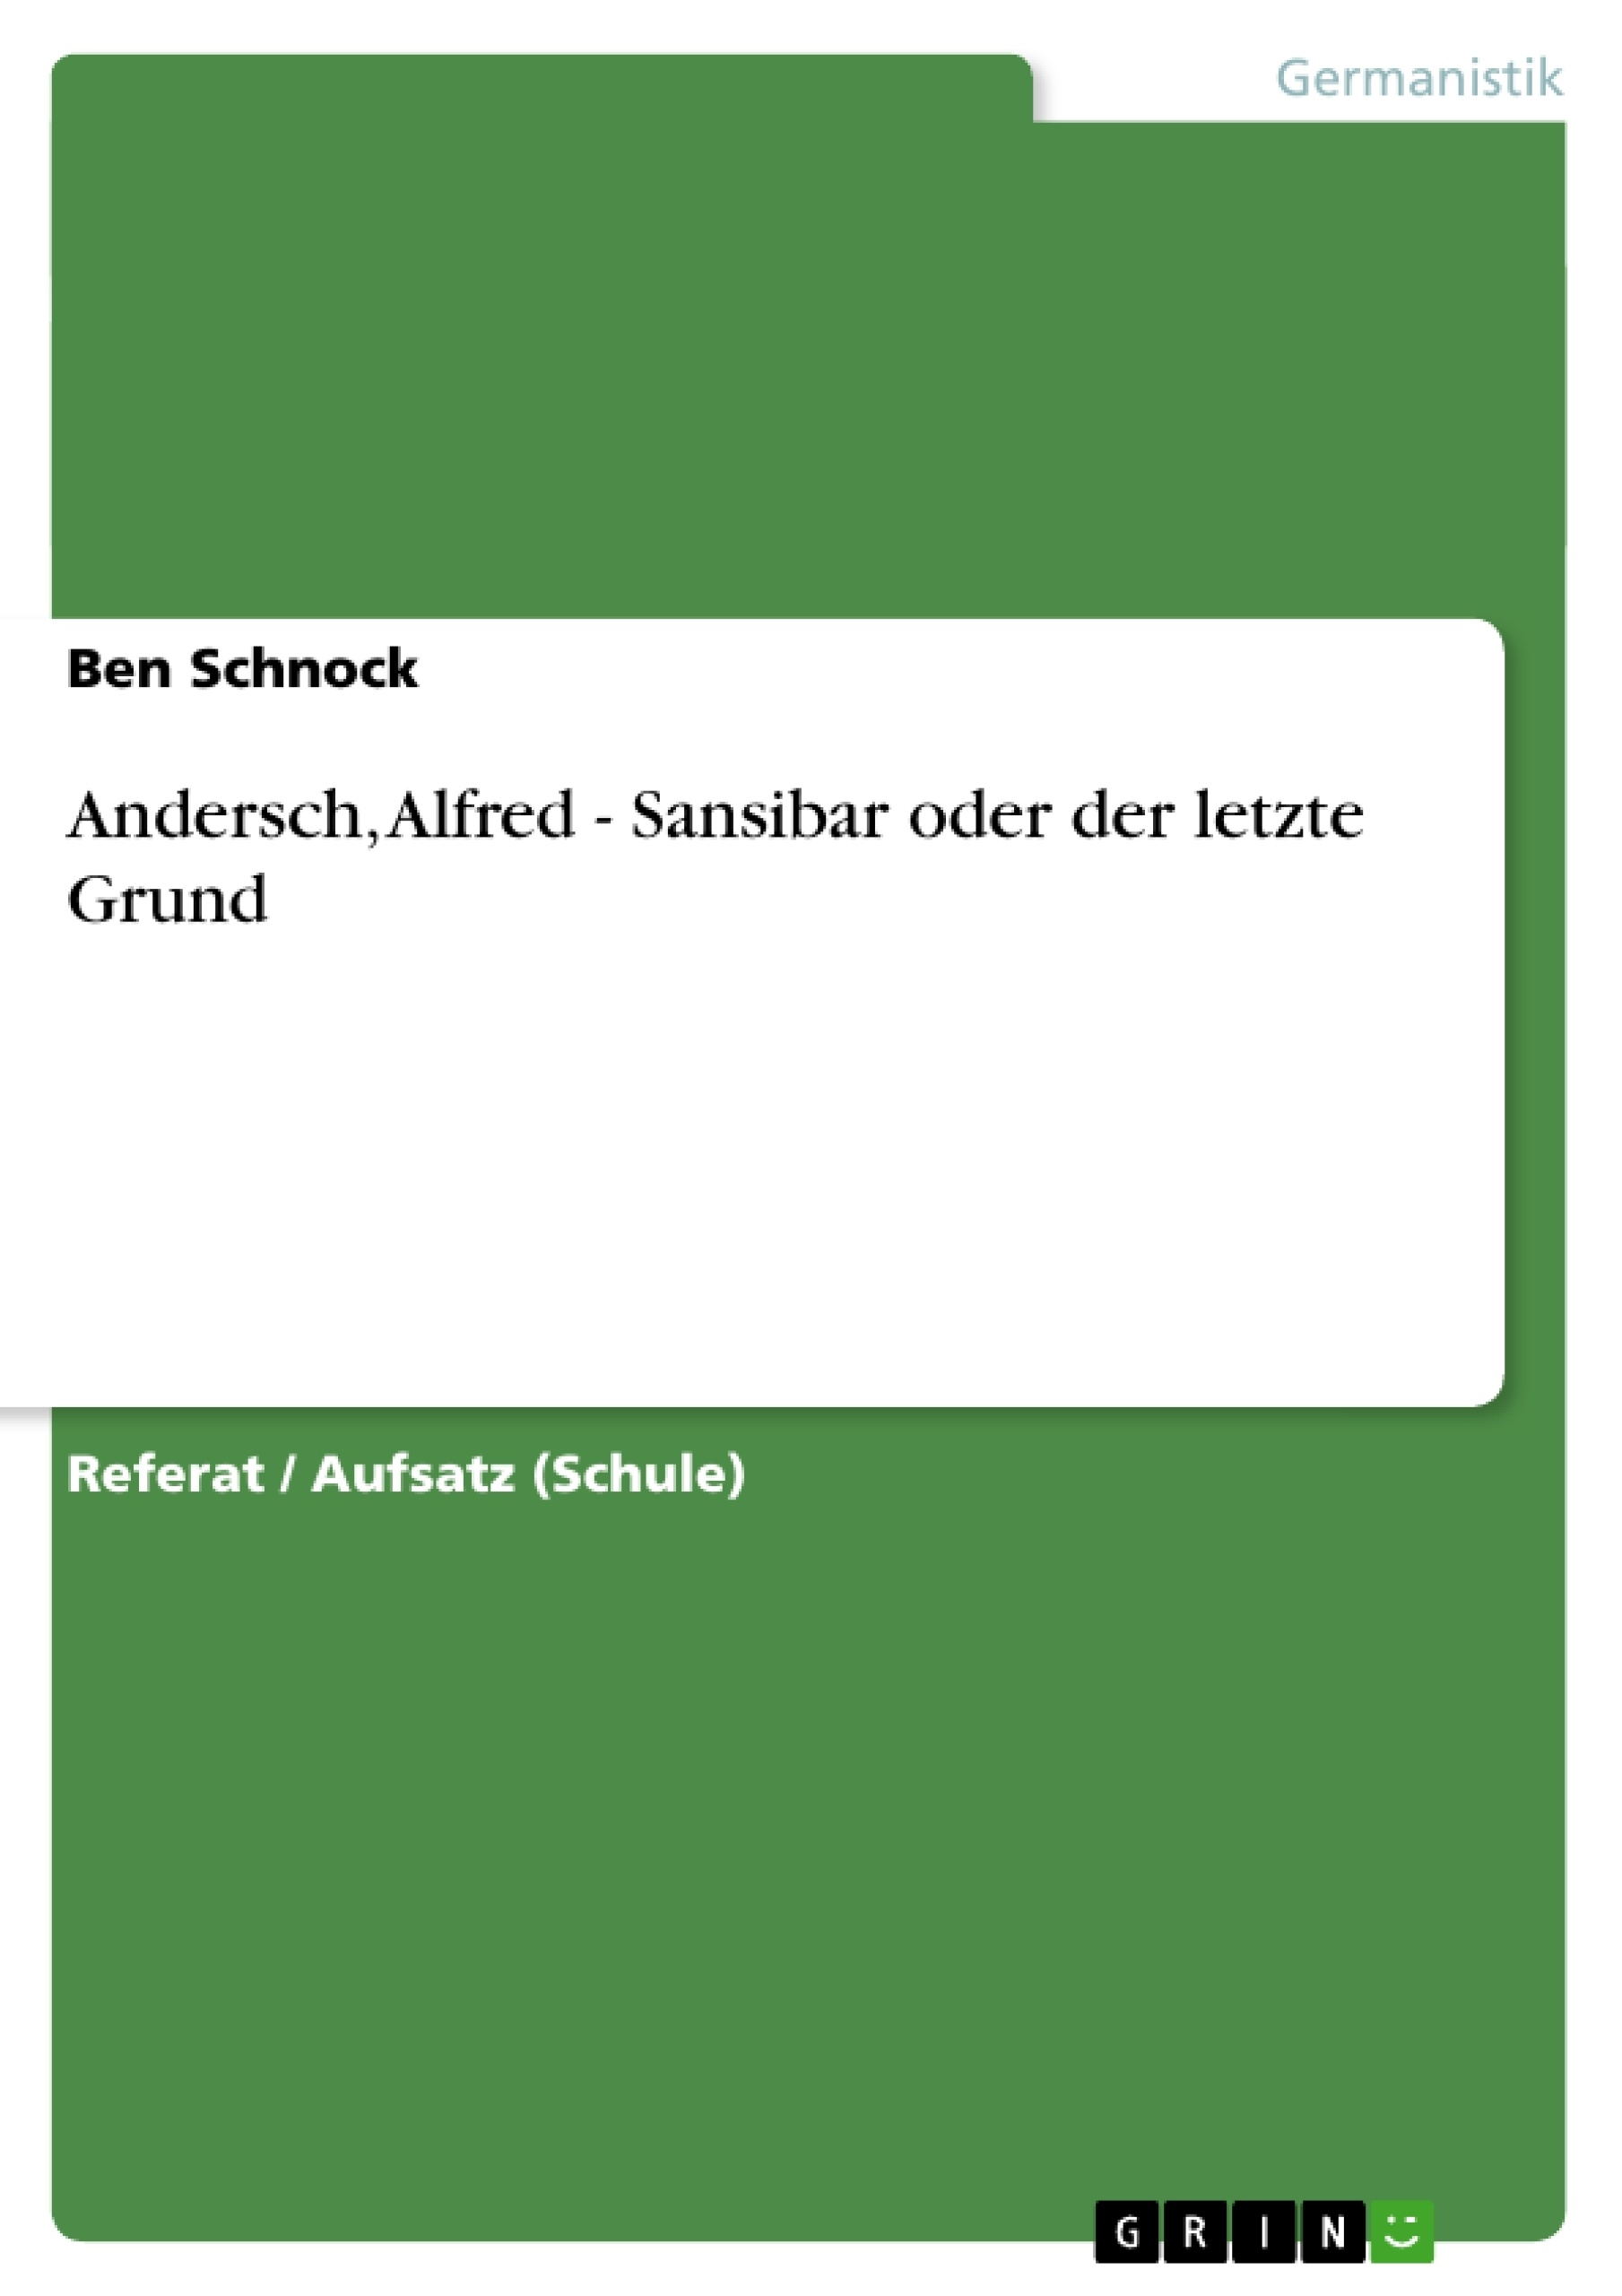 Titel: Andersch, Alfred - Sansibar oder der letzte Grund